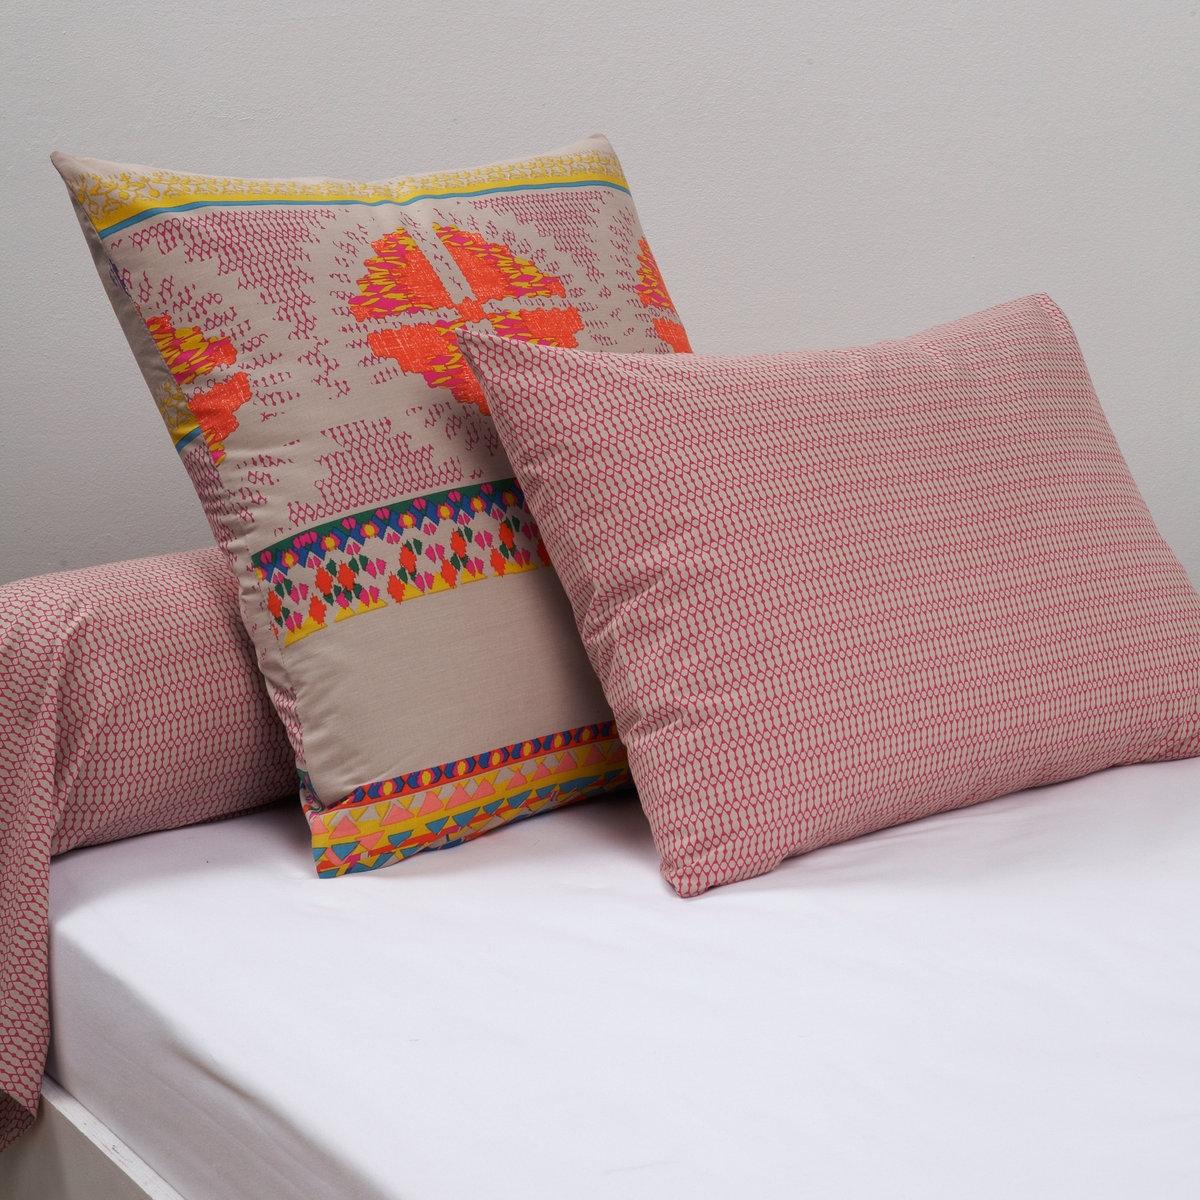 Наволочки классические и на подушку-валик, Macchu PichuНаволочки классические и на подушку-валик, Macchu Pichu.  В южноамериканском стиле: мотивы инков в ярких и жизнеутверждающих цветах. Описание наволочек Macchu Pichu:Квадратная наволочка : полоски из мелких рисунков.  Прямоугольная наволочка и наволочка на подушку-валик: мелкие мотивы цвета фукси на бежевом фоне. 100% хлопка, плотное плетение ткани (57 нитей/см?): чем больше нитей/см?, тем выше качество материала.         Стирка при 60°.   Знак Oeko-Tex® гарантирует, что протестированные и сертифицированные товары не содержат вредных для здоровья веществ.Размеры:50x70 см: прямоугольная наволочка.63x63 см: квадратная наволочка.85x185 см: наволочка на подушку-валик<br><br>Цвет: рисунок бежевый,рисунок фуксия/каштан<br>Размер: 63 x 63  см.50 x 70  см